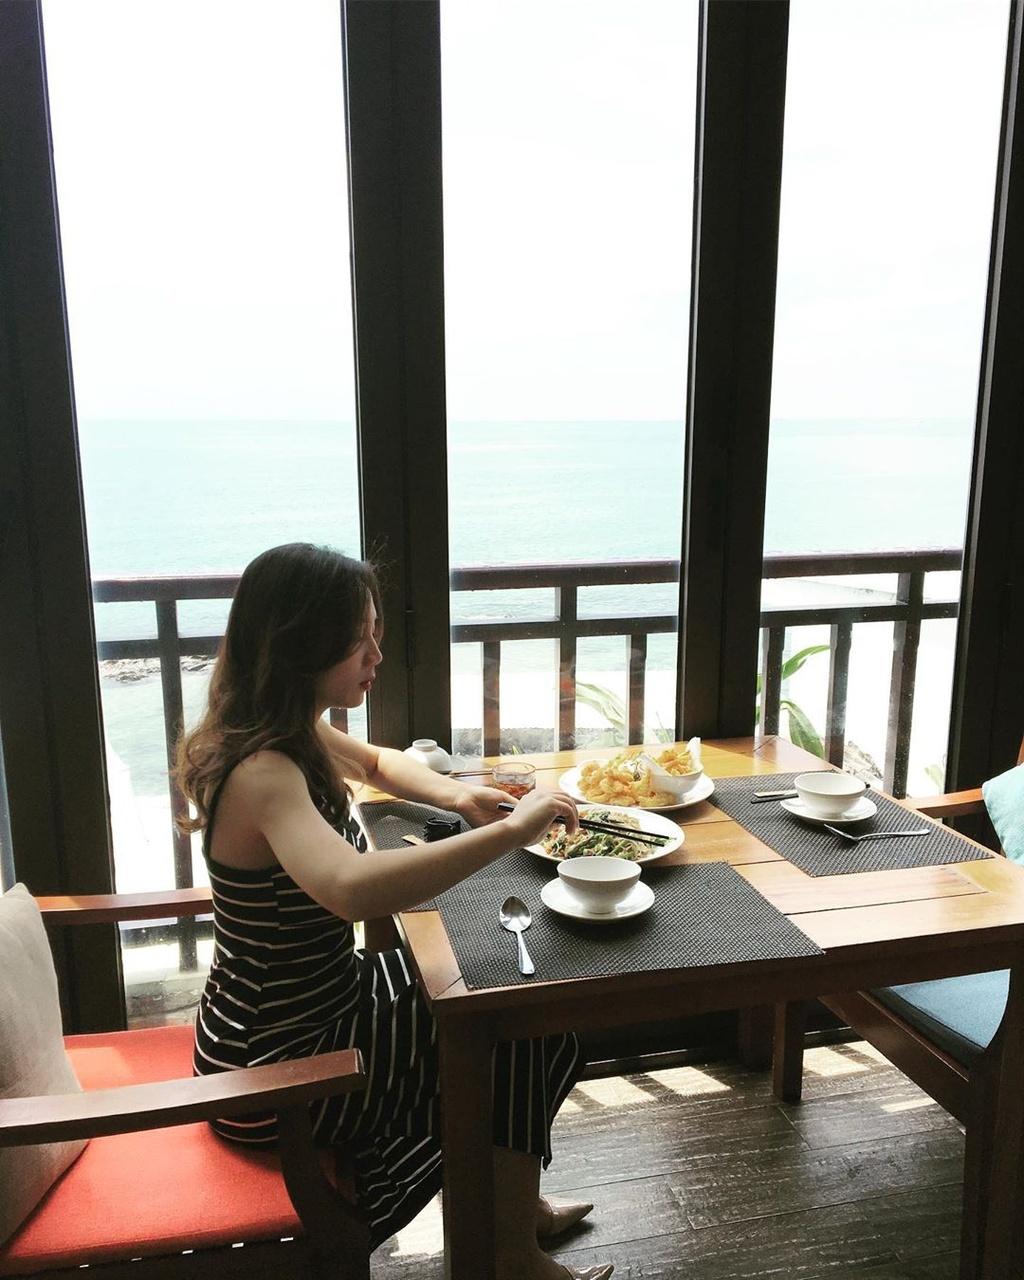 5 nha hang hai san ngon, gia ca hop ly o Phu Quoc hinh anh 5  - xin_chao_gingin1001 - 5 nhà hàng hải sản ngon, giá cả hợp lý ở Phú Quốc